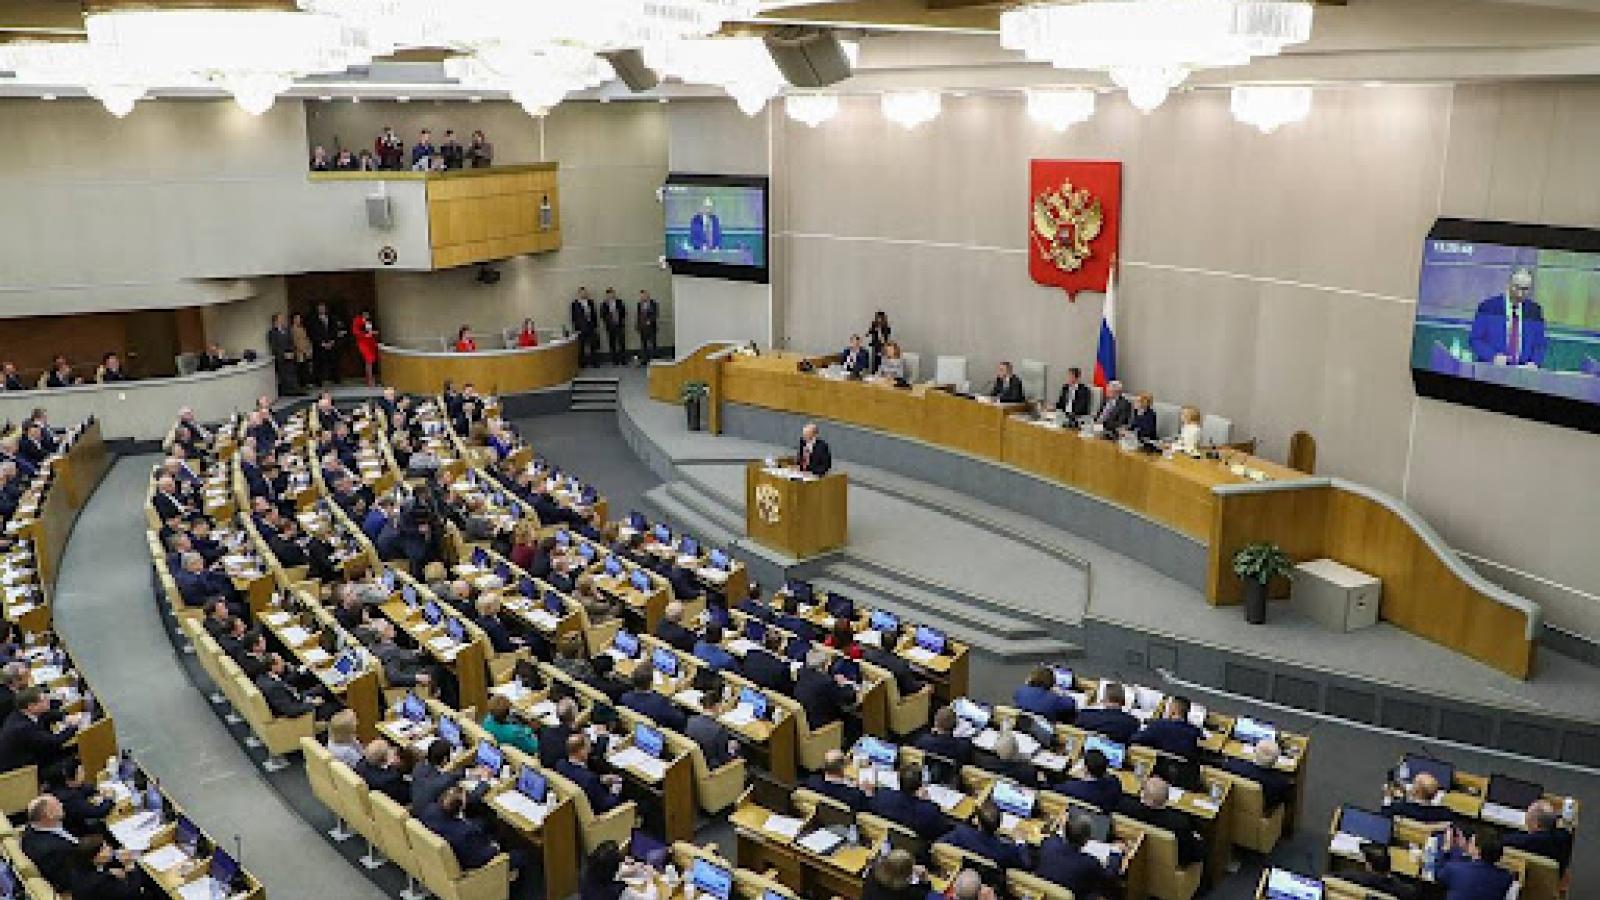 Dư luận Nga trước dự định của Nghị viện châu Âu không công nhận kết quả bầu cử vào Duma